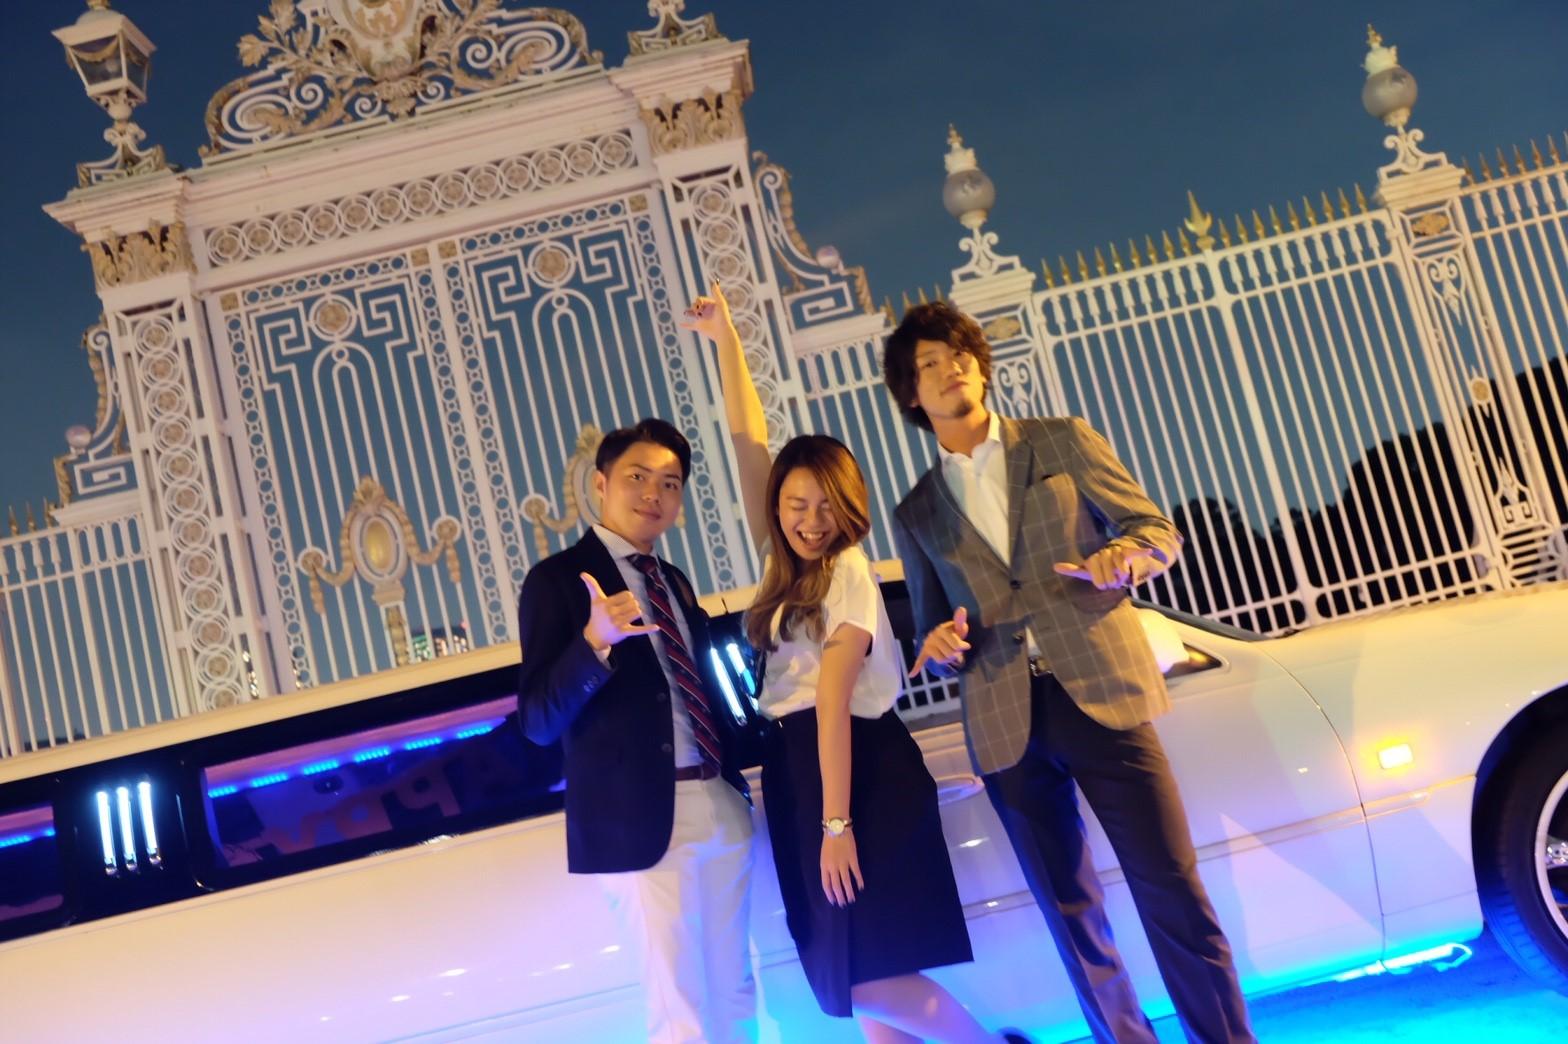 リムジンでパーティーが楽しめるリムジンパーティー東京 (20)